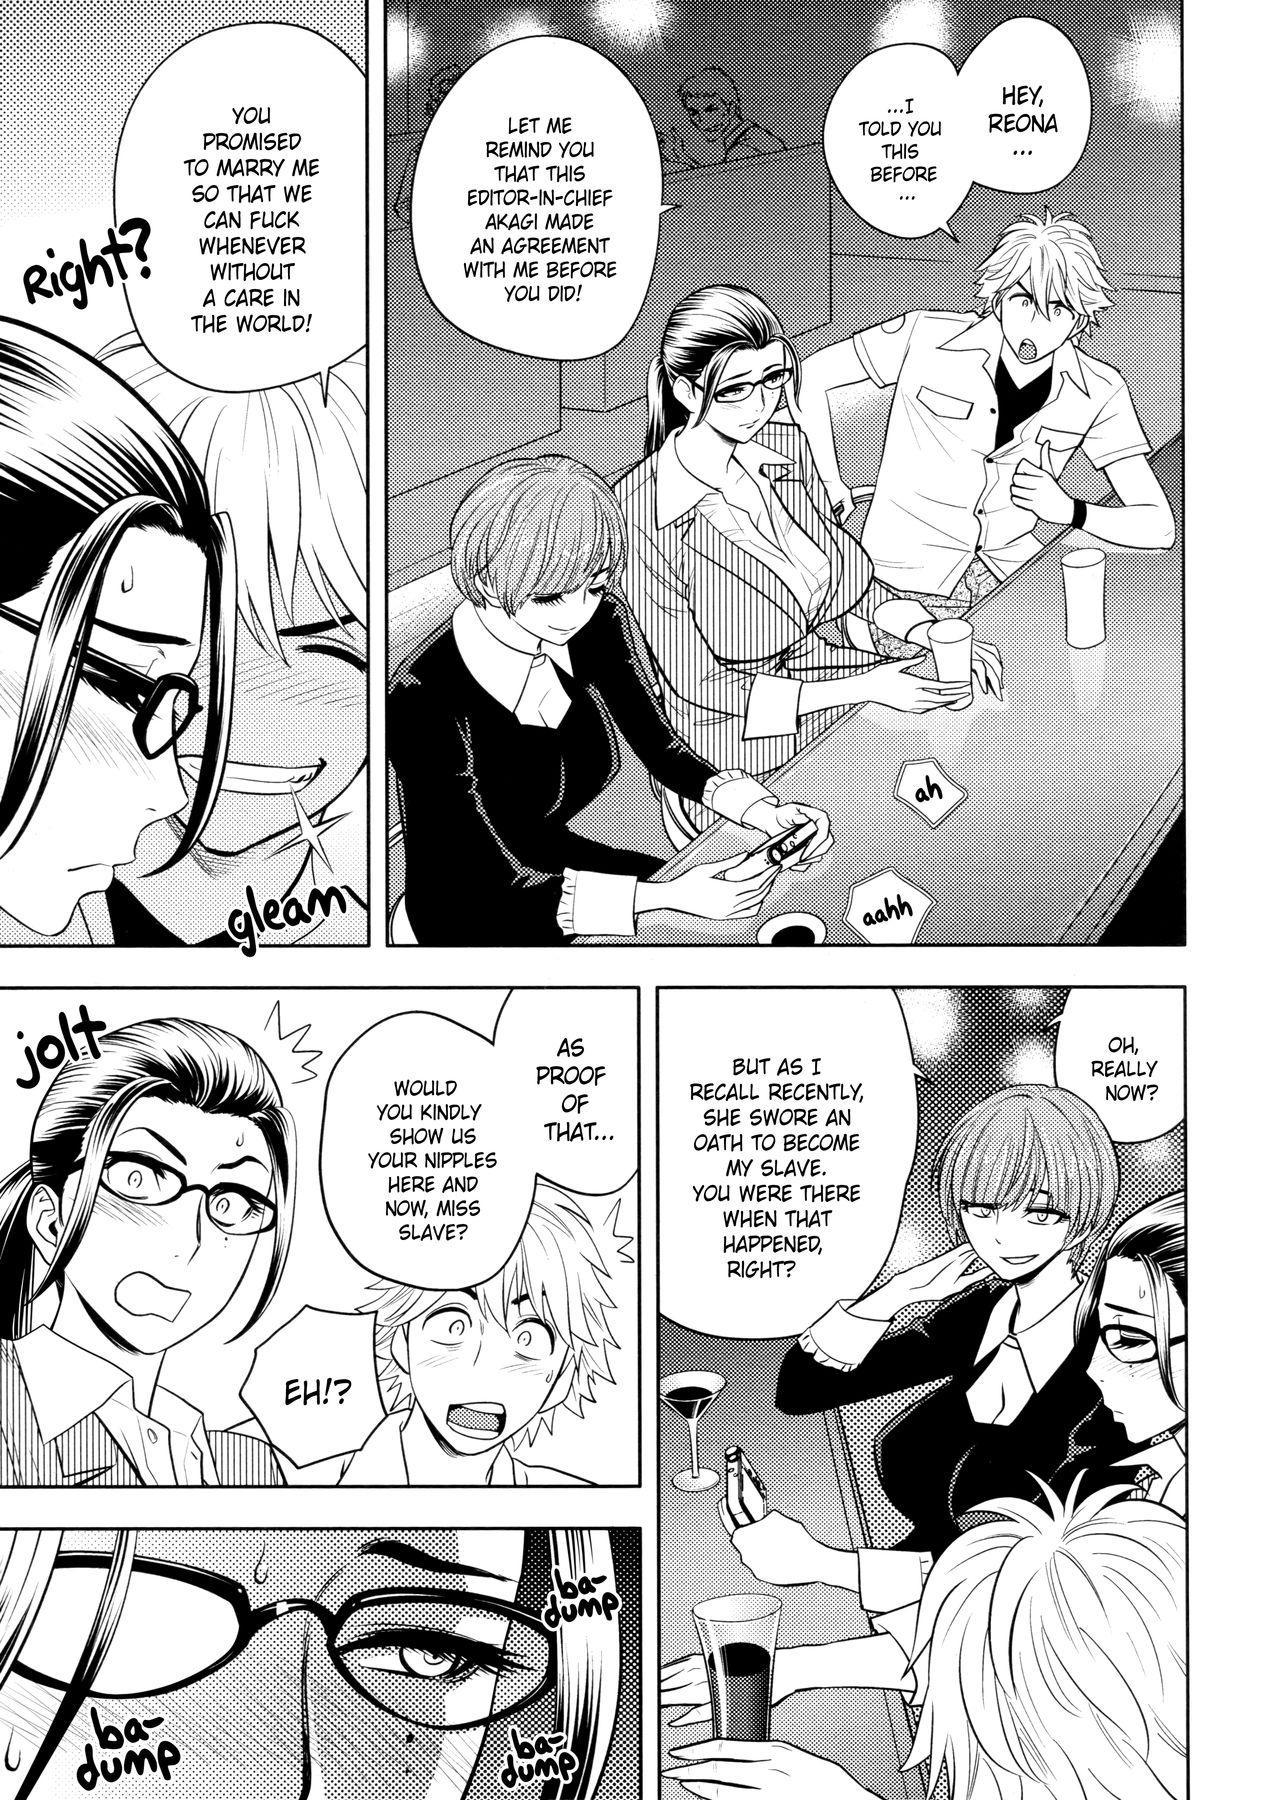 [Tatsunami Youtoku, Yamasaki Masato] Bijin Henshuu-chou no Himitsu | Beautiful Editor-in-Chief's Secret Ch. 1-8 [English] [Forbiddenfetish77, Red Vodka, Crystalium, CEDR777] [Decensored] 154